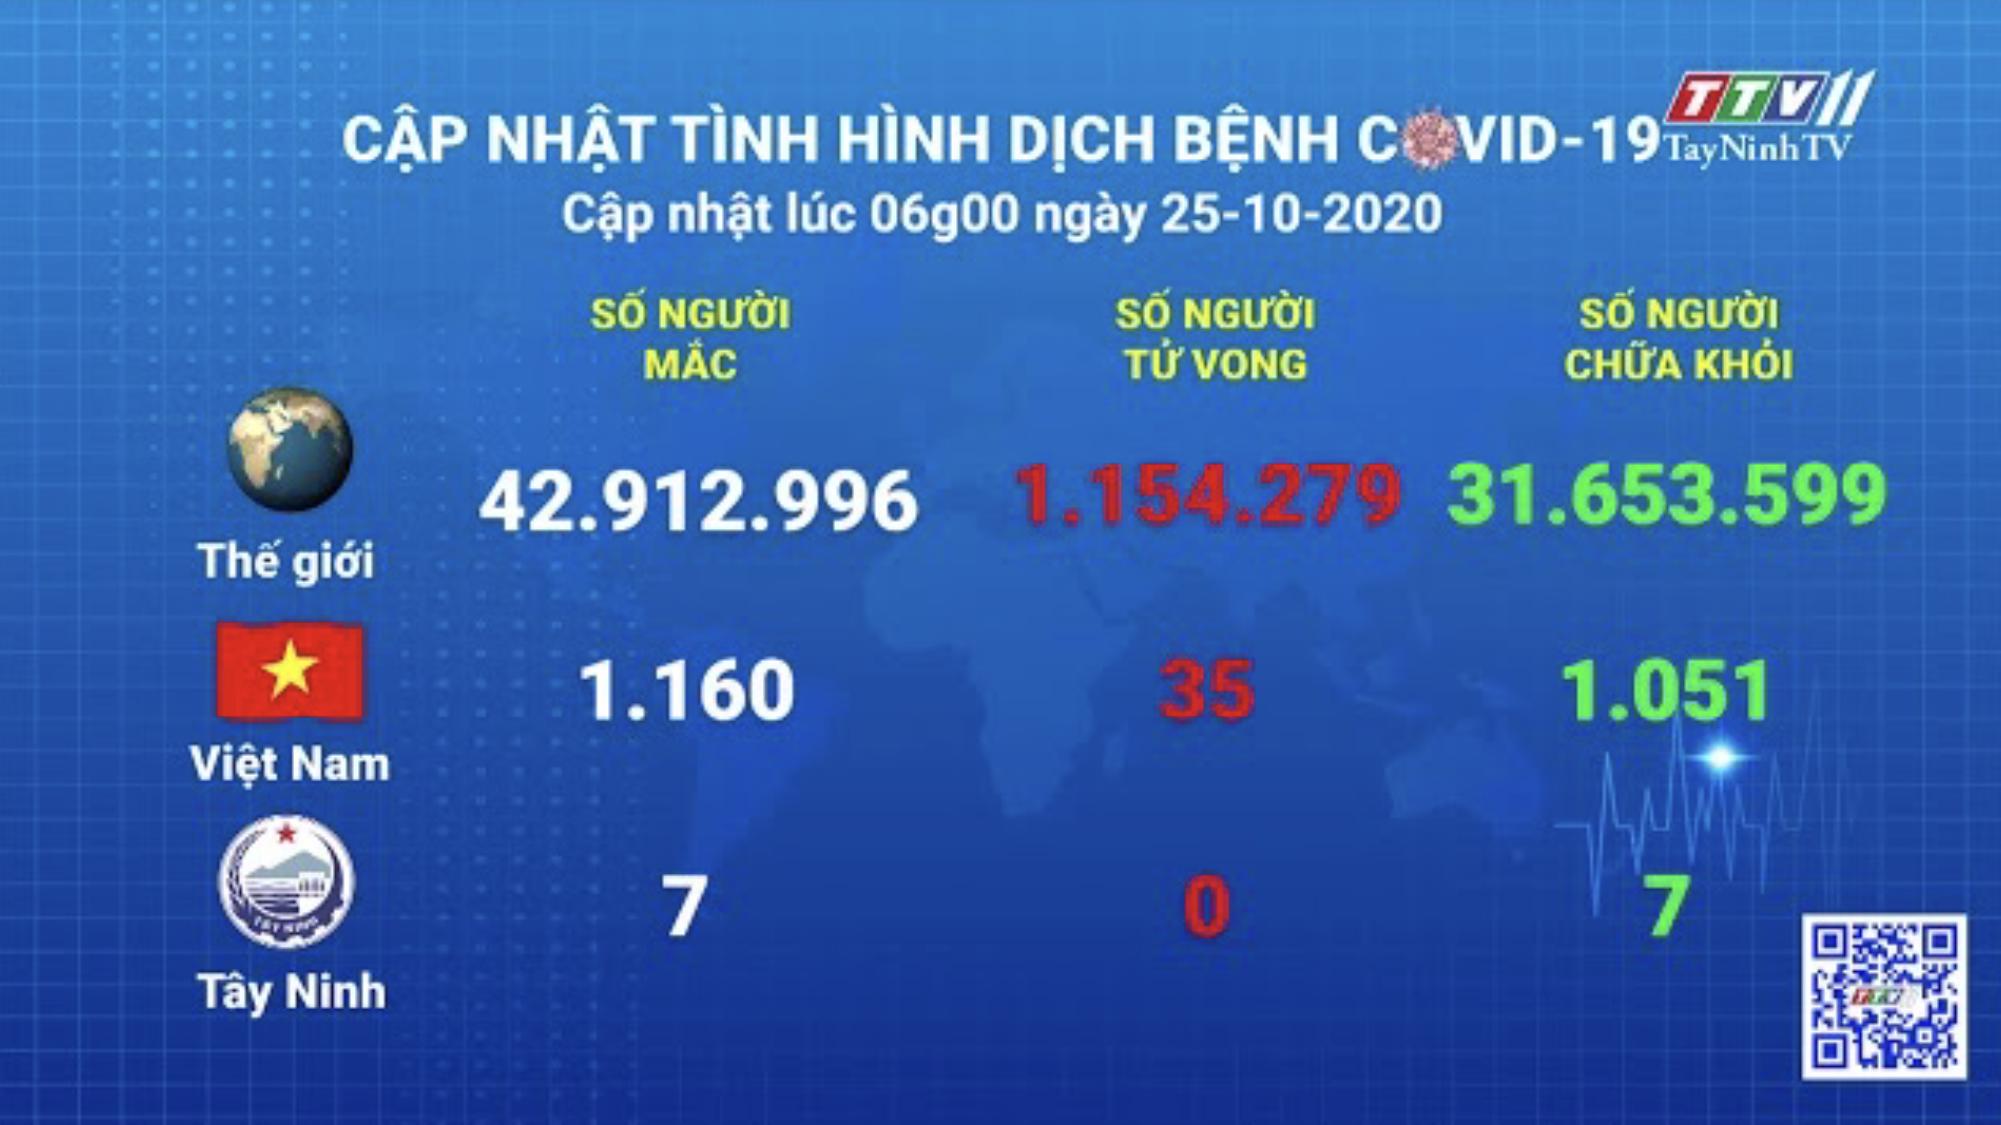 Cập nhật tình hình Covid-19 vào lúc 06 giờ 25-10-2020 | Thông tin dịch Covid-19 | TayNinhTV